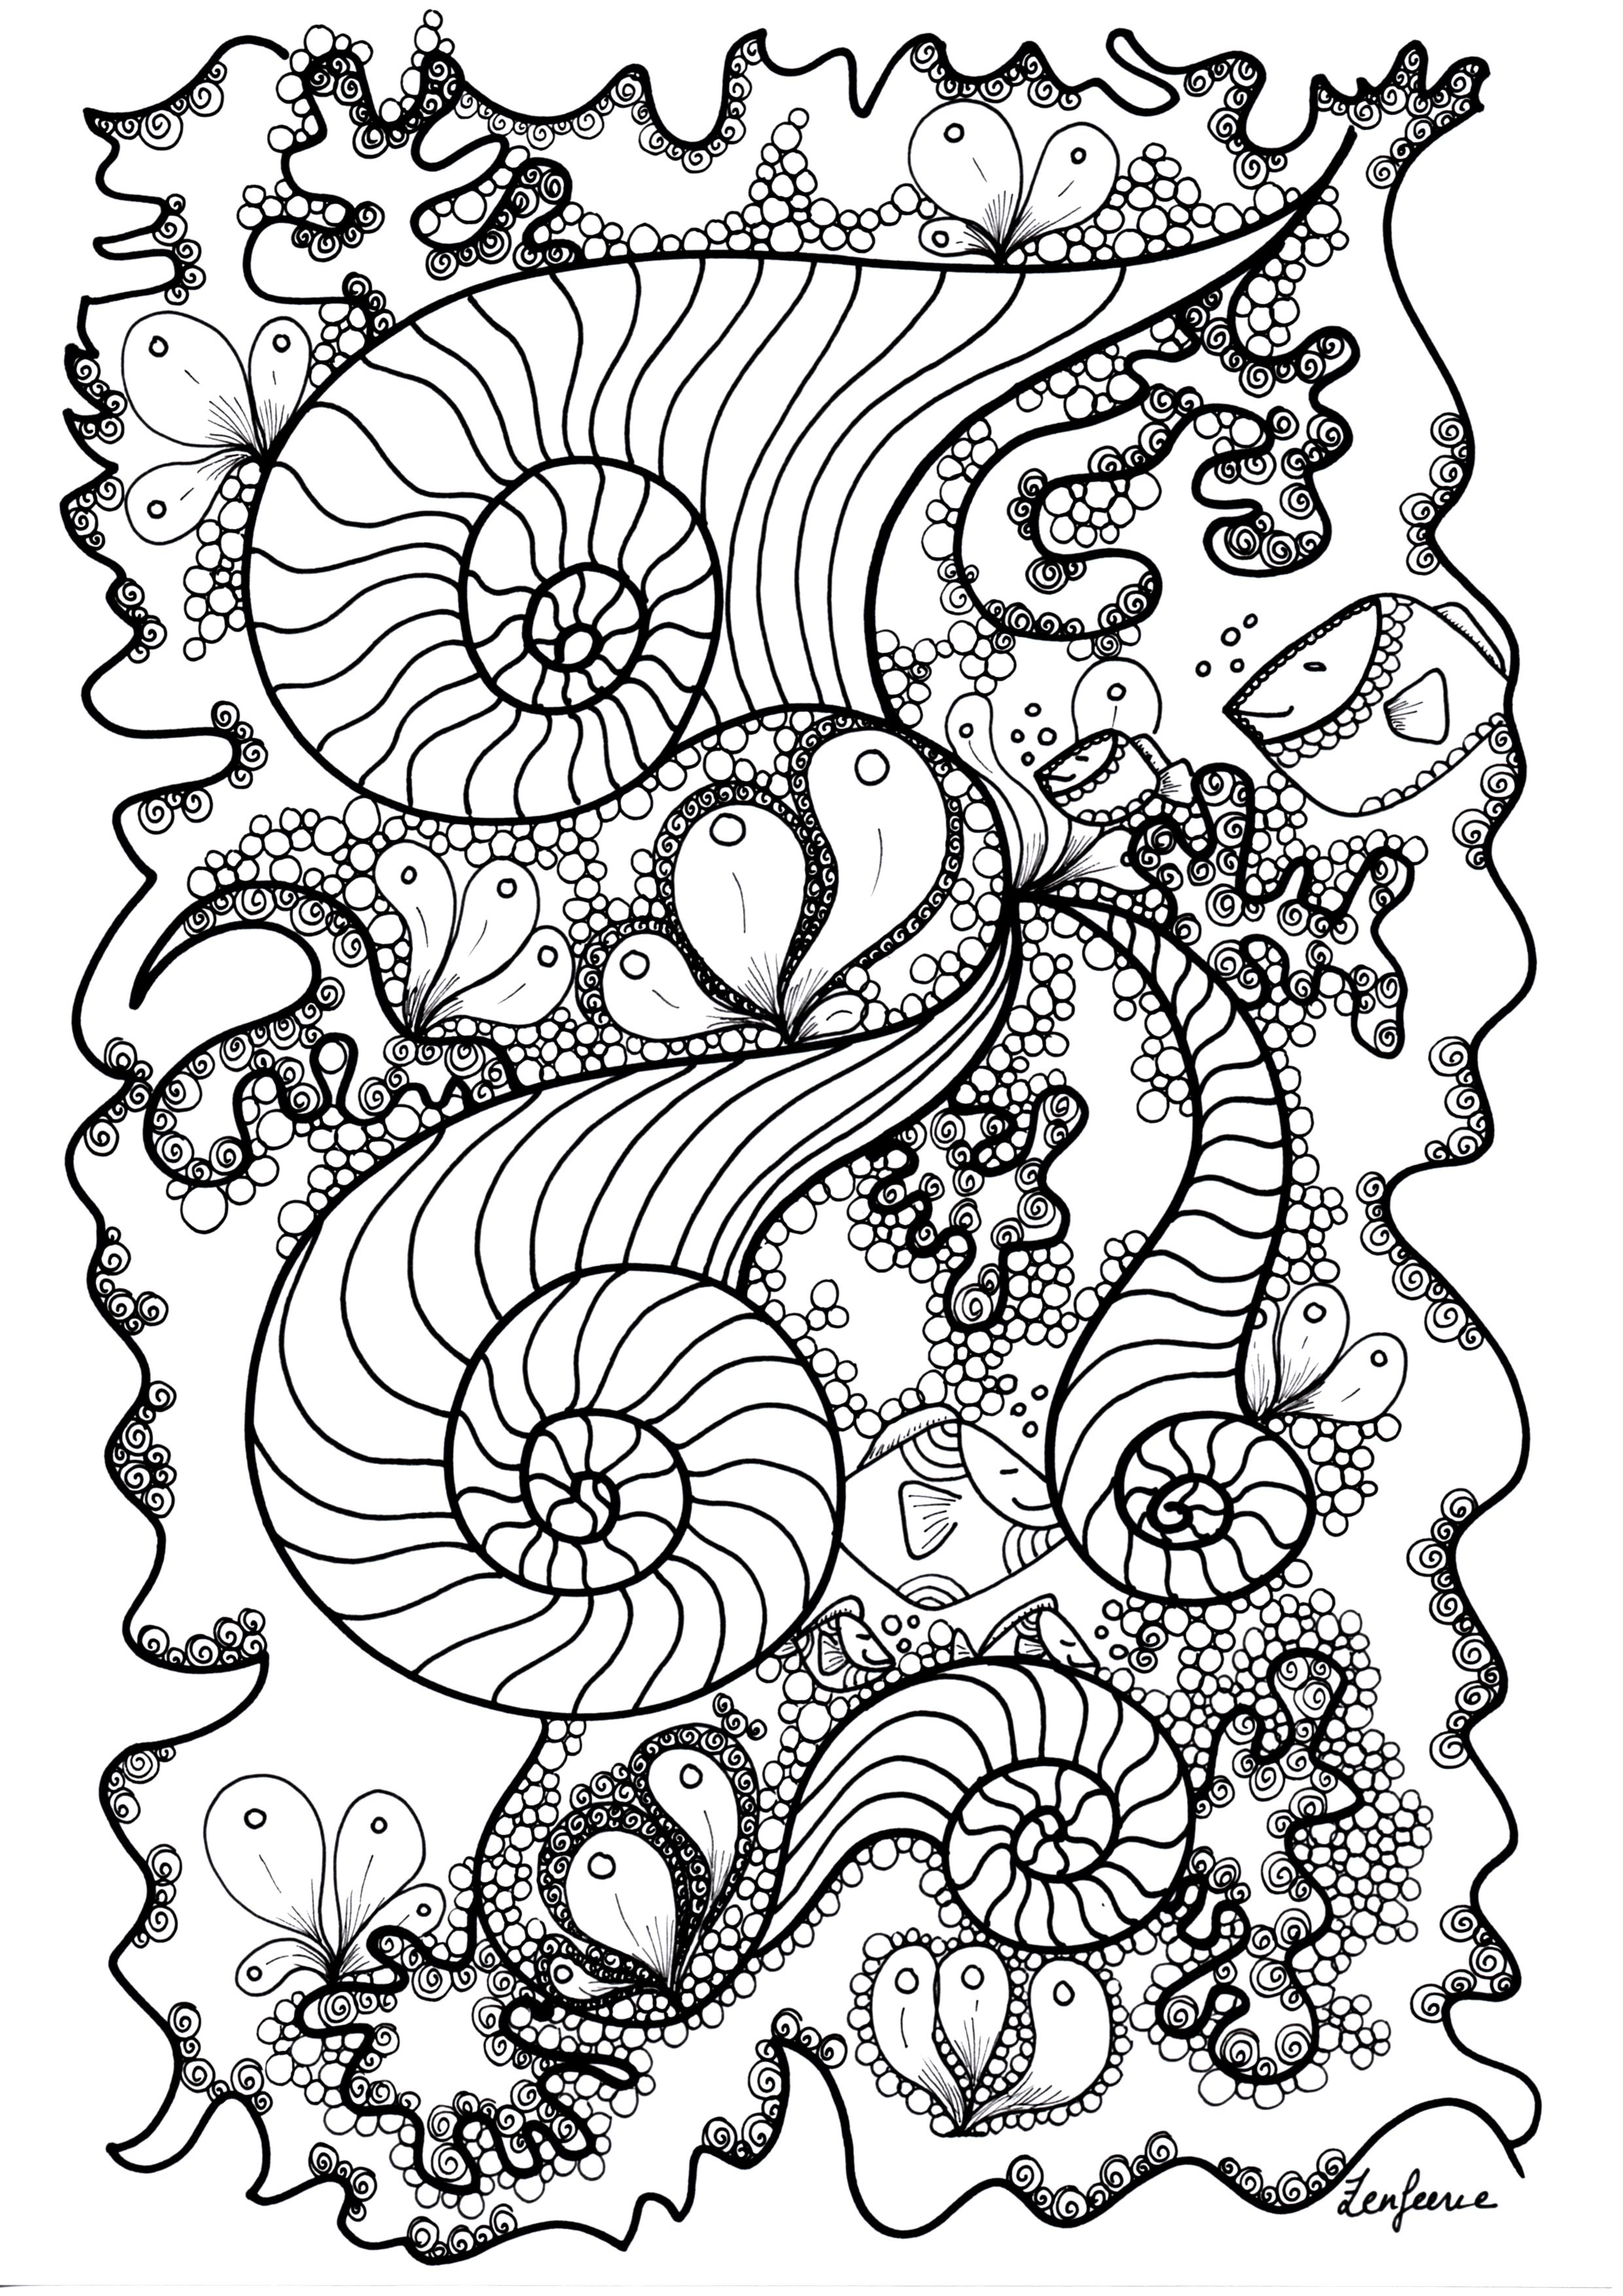 Des poissons cachés dans un magnifique dessin Zentangle